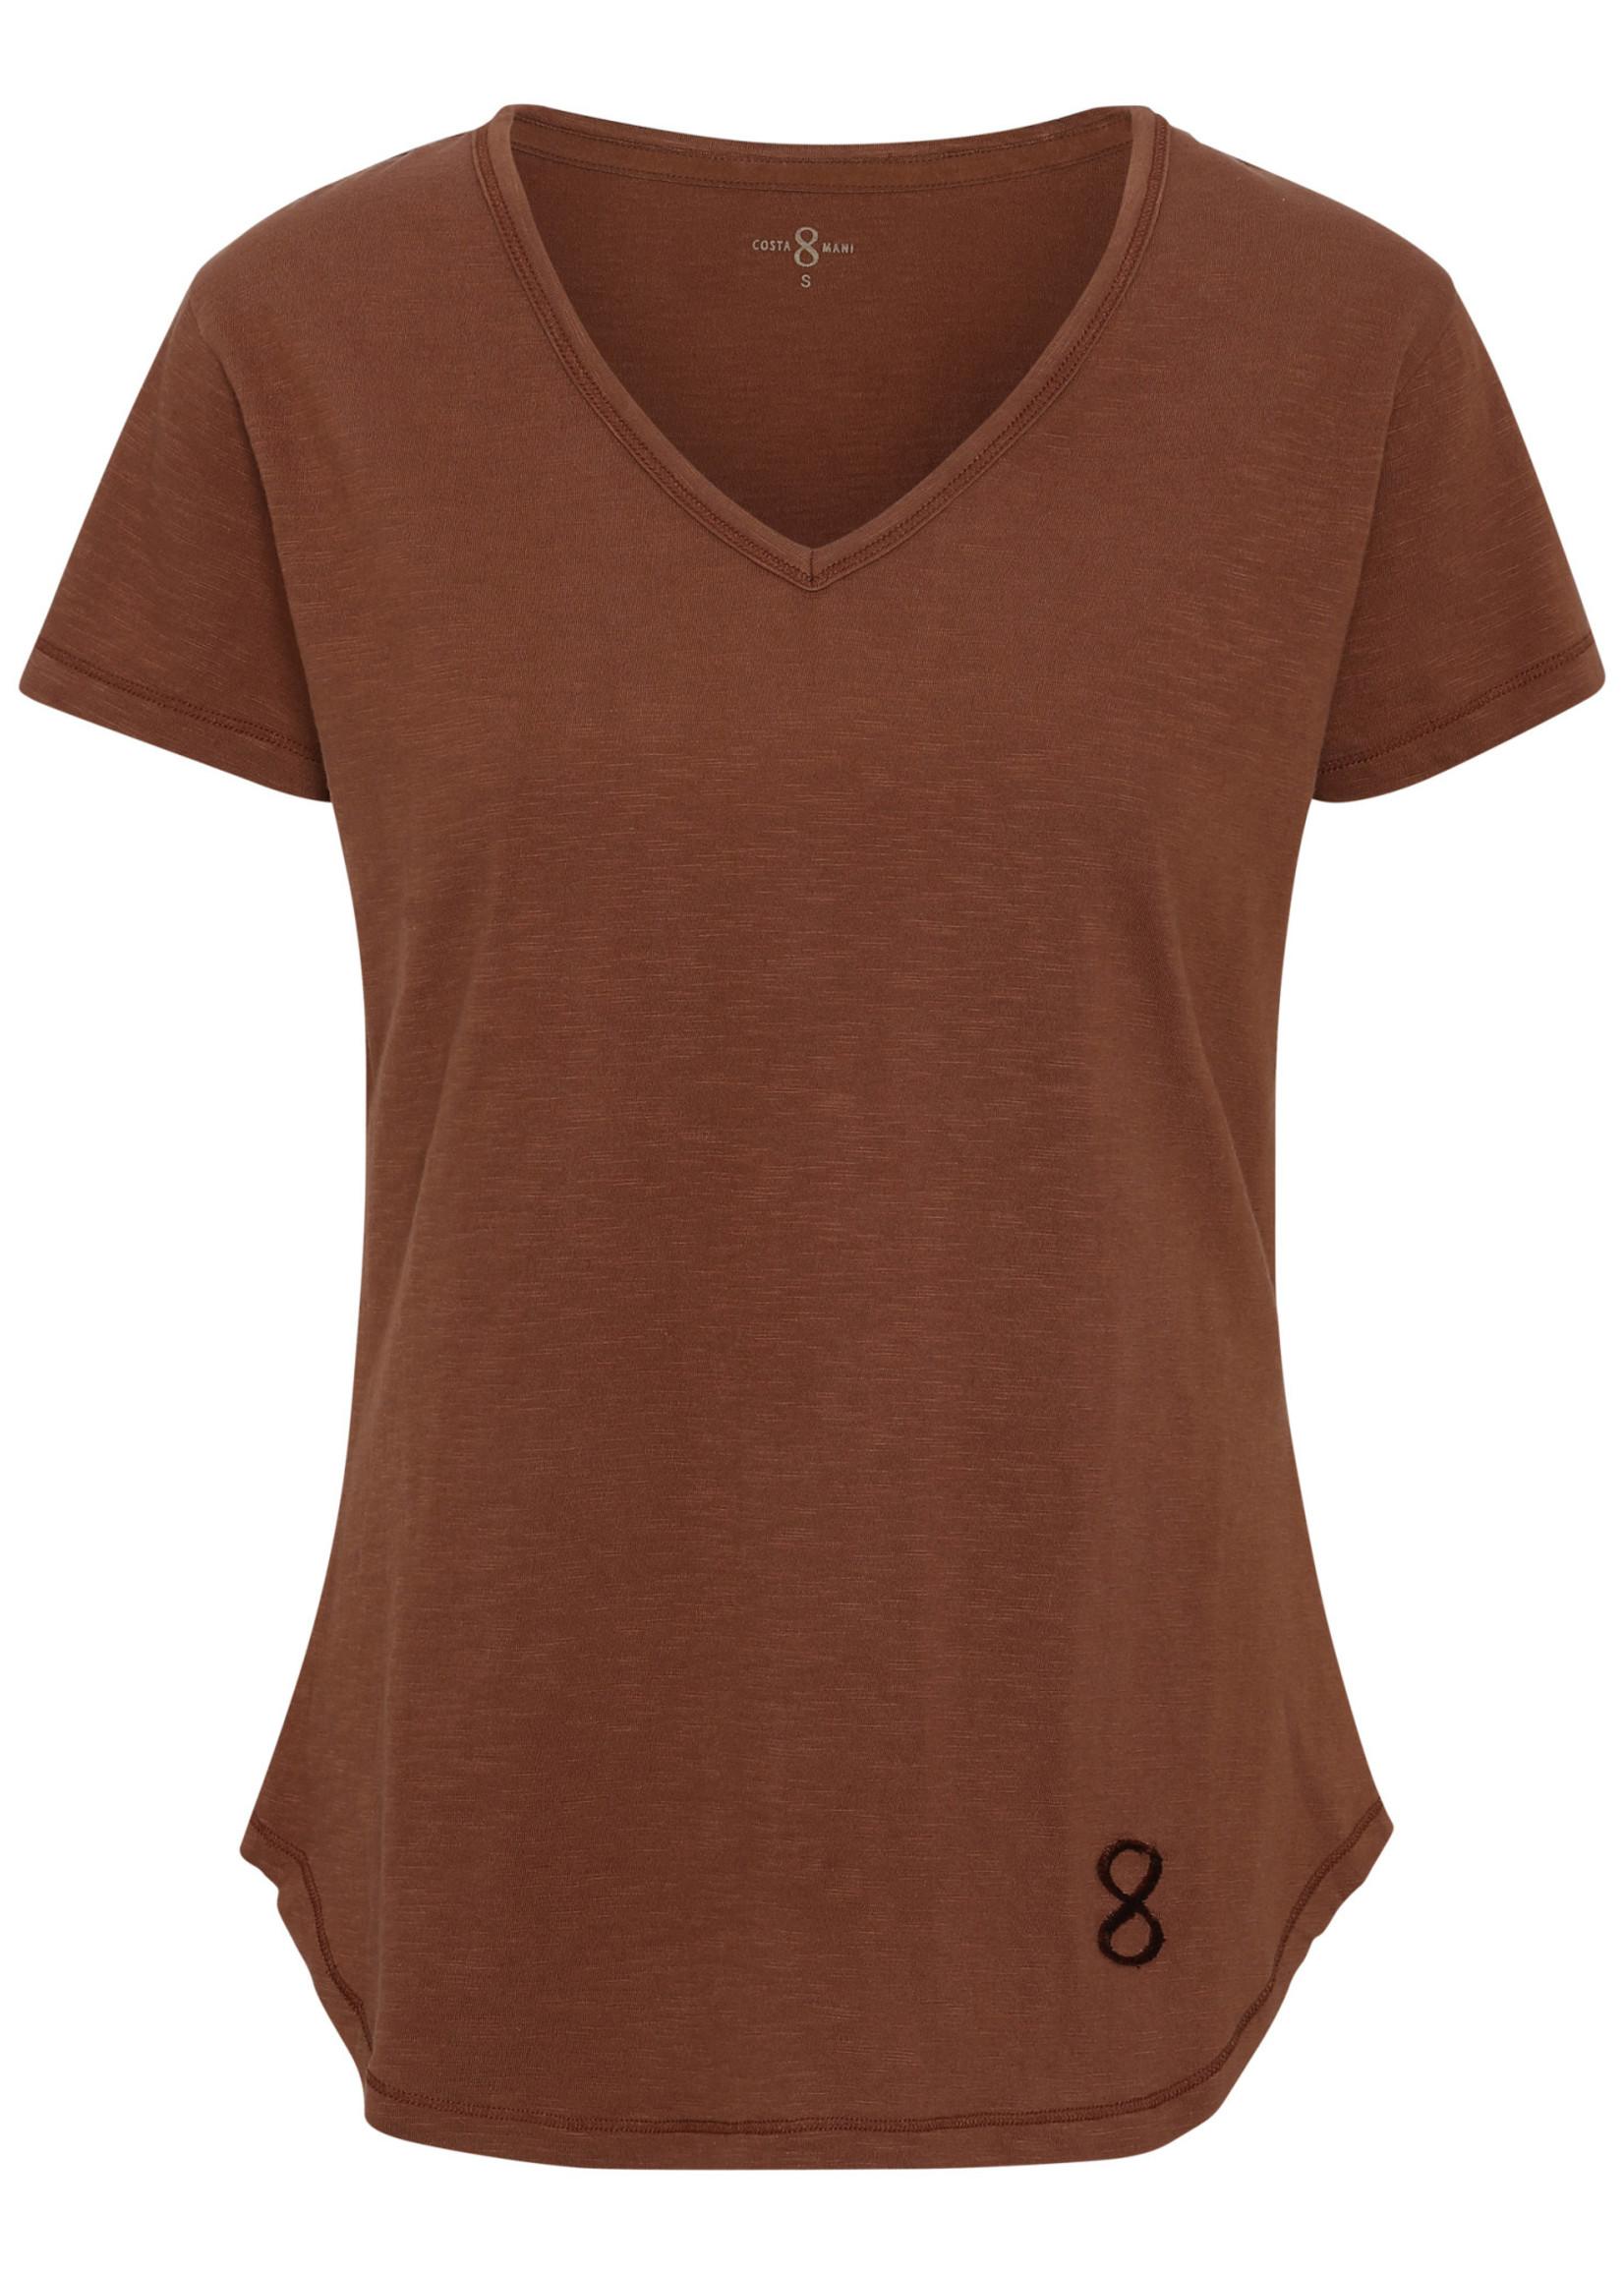 COSTAMANI T-shirt kleur camel - laatste maat M